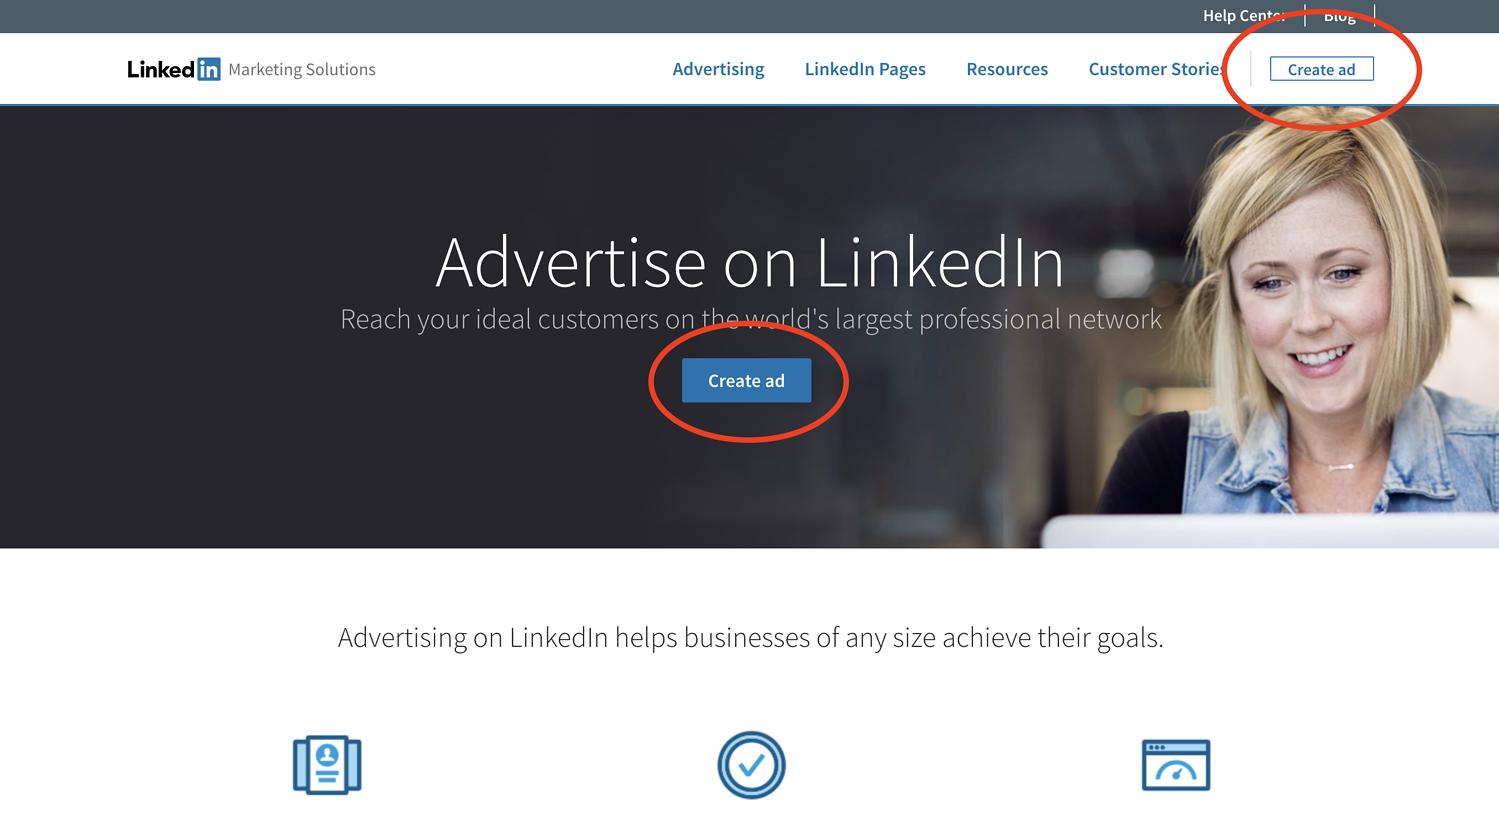 configurer votre campagne linkedin